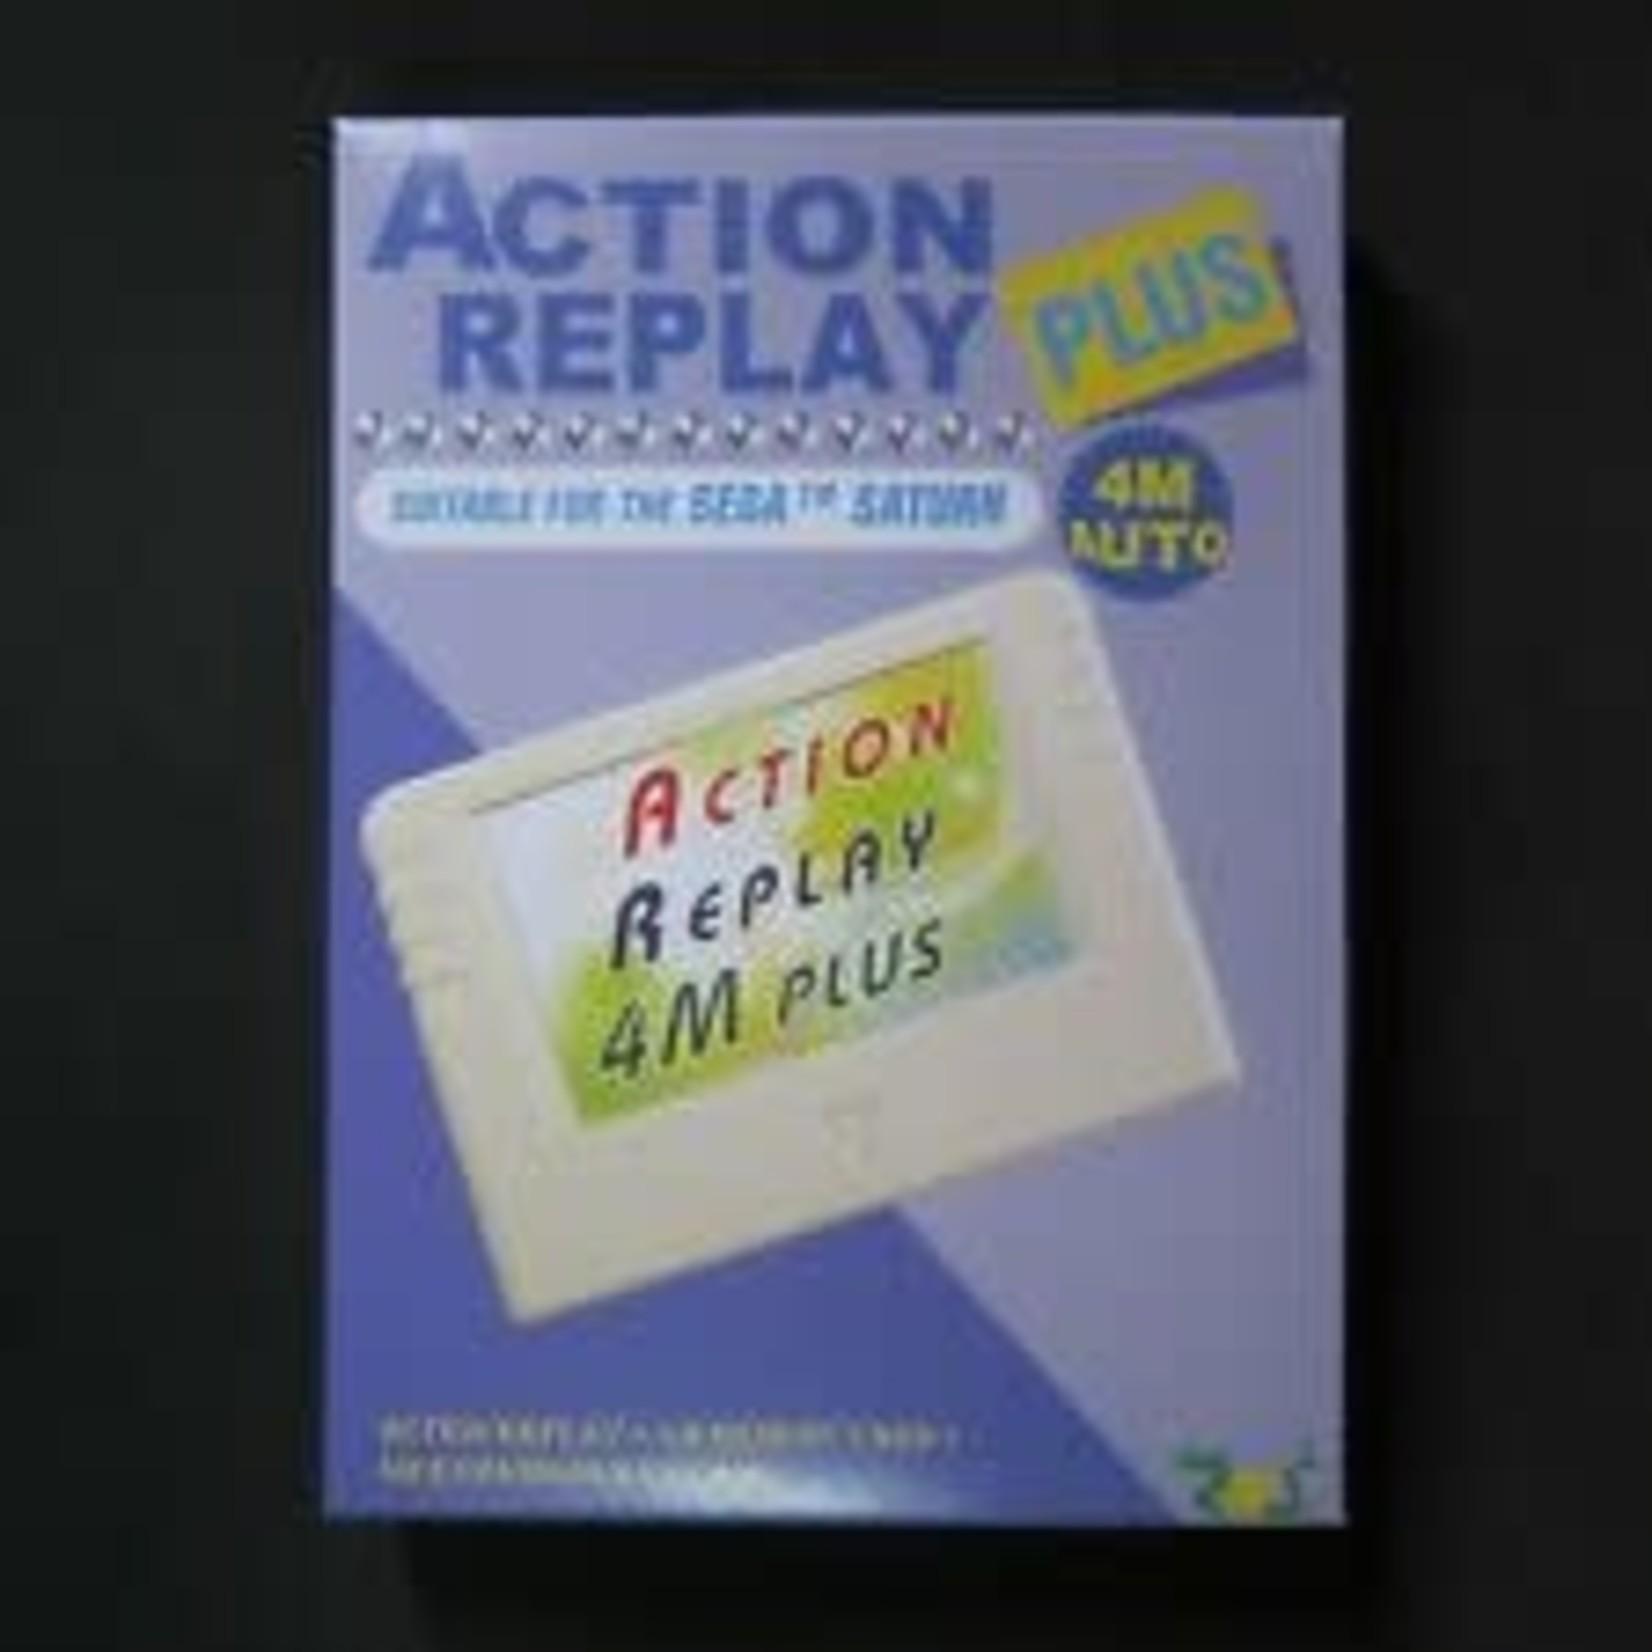 Action Replay sega saturn 4m plus